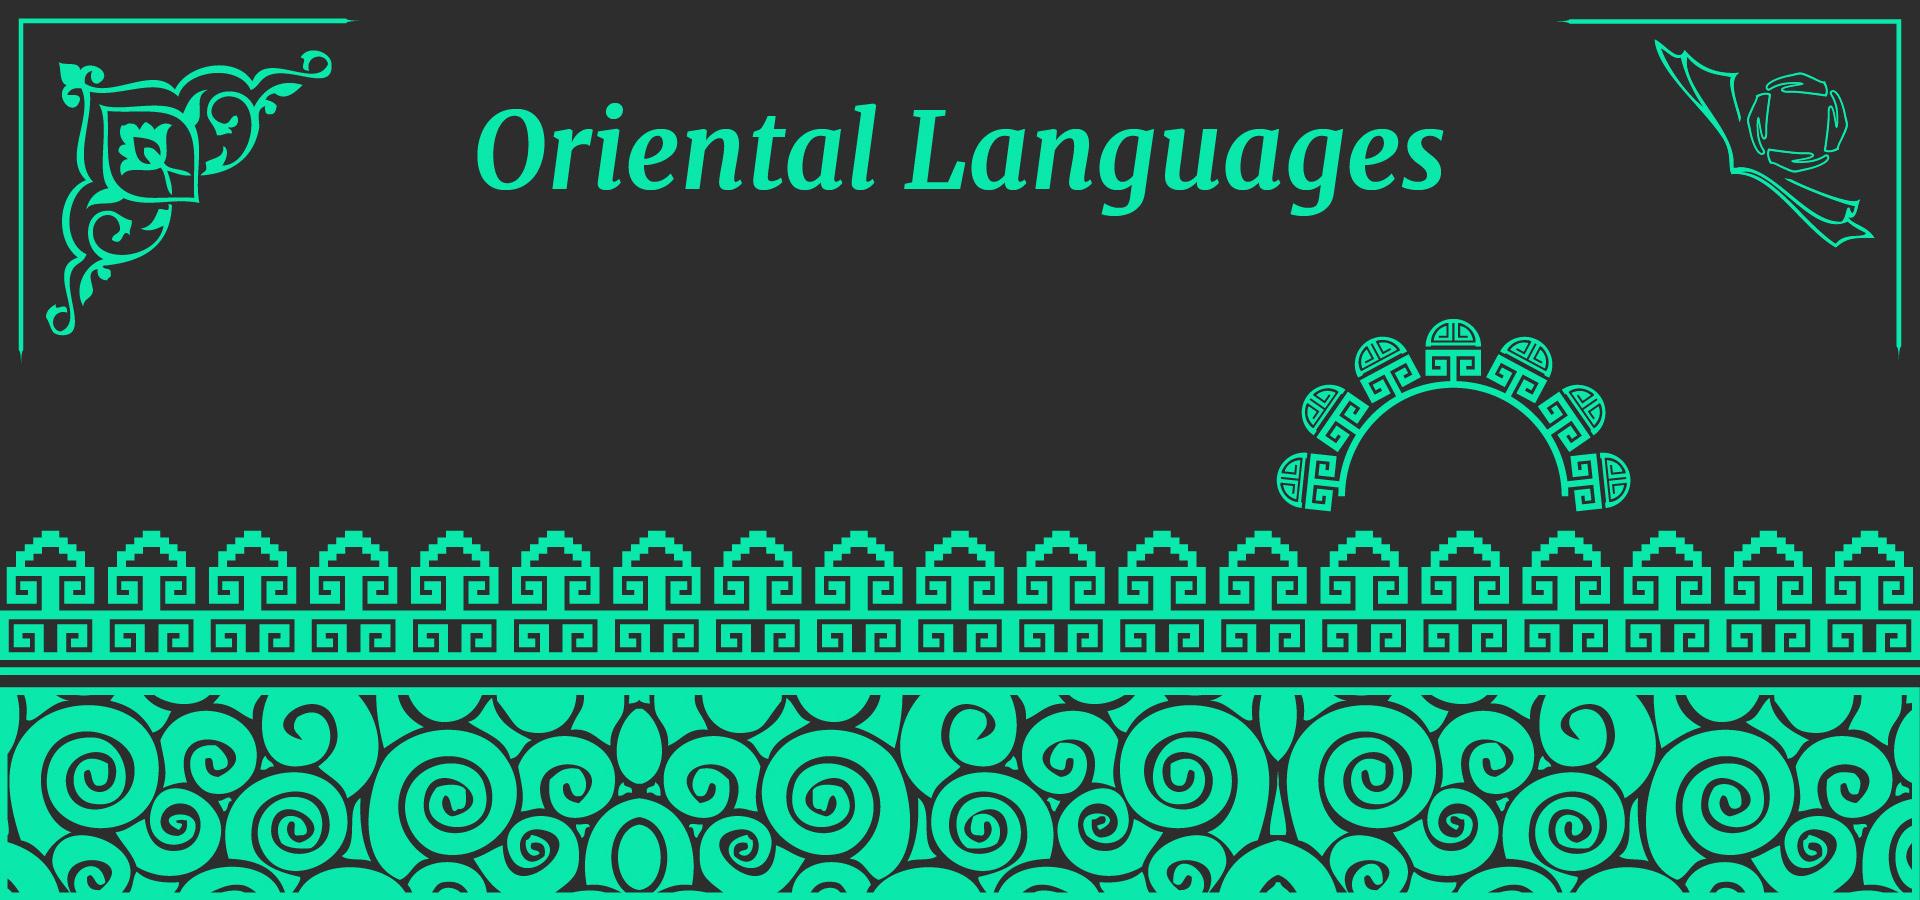 Oriental languages centro alif pisa